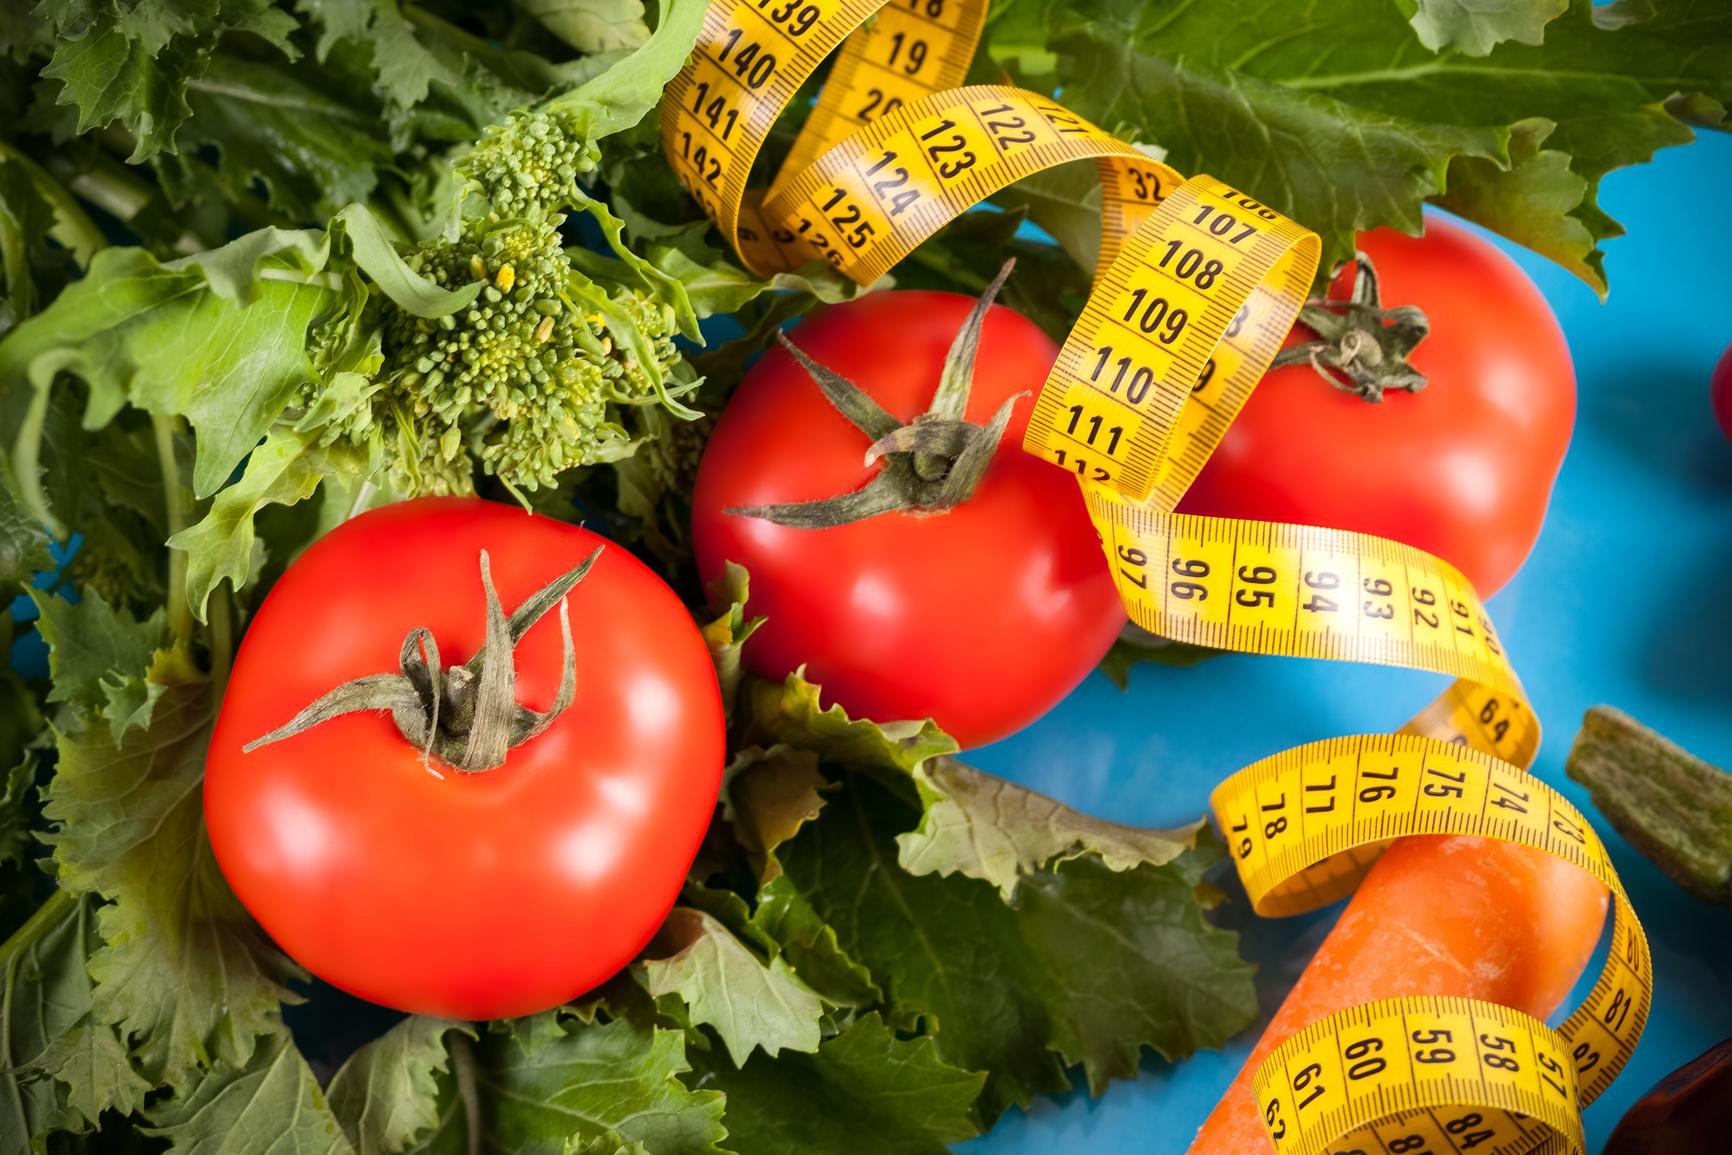 Можно Ли Есть Помидоры При Похудении. Можно ли есть помидоры при похудении?